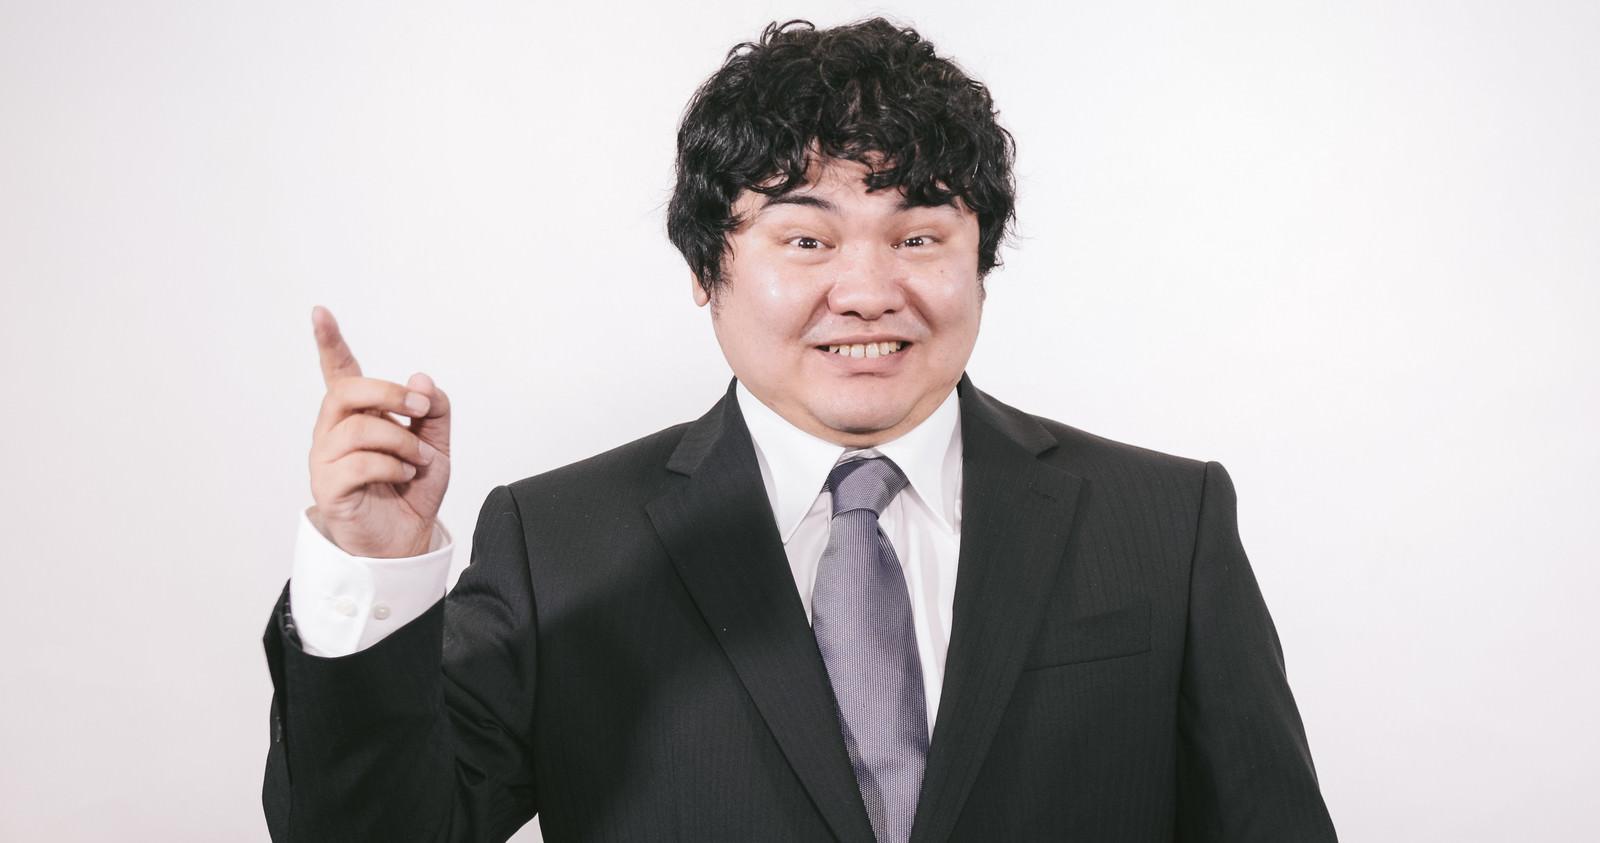 「商品をPRするビジネスマン商品をPRするビジネスマン」[モデル:段田隼人]のフリー写真素材を拡大